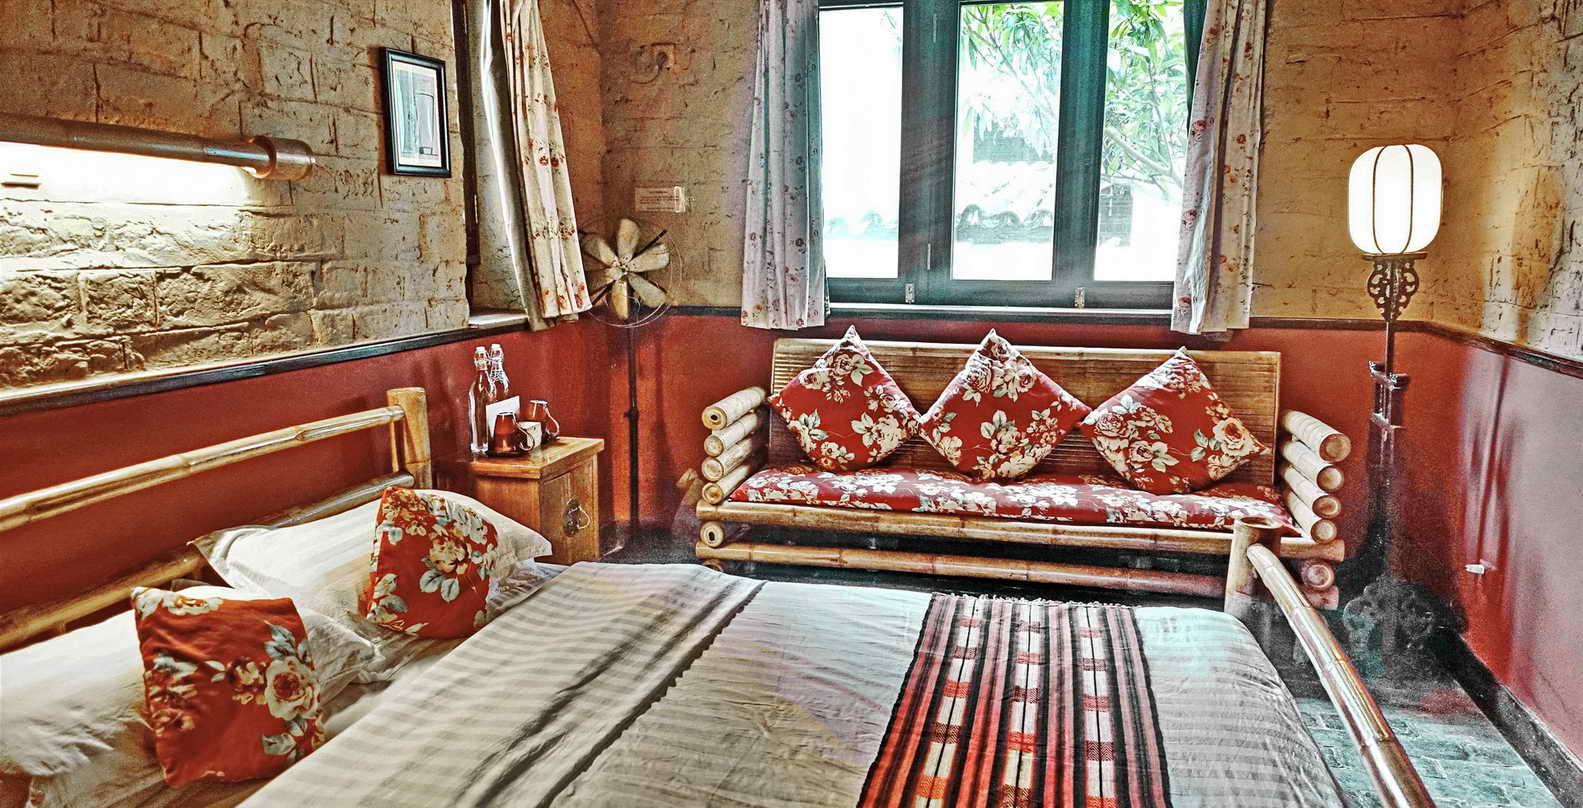 yangshuo-guesthouse-yangshuo-village-inn-farmhouse-room